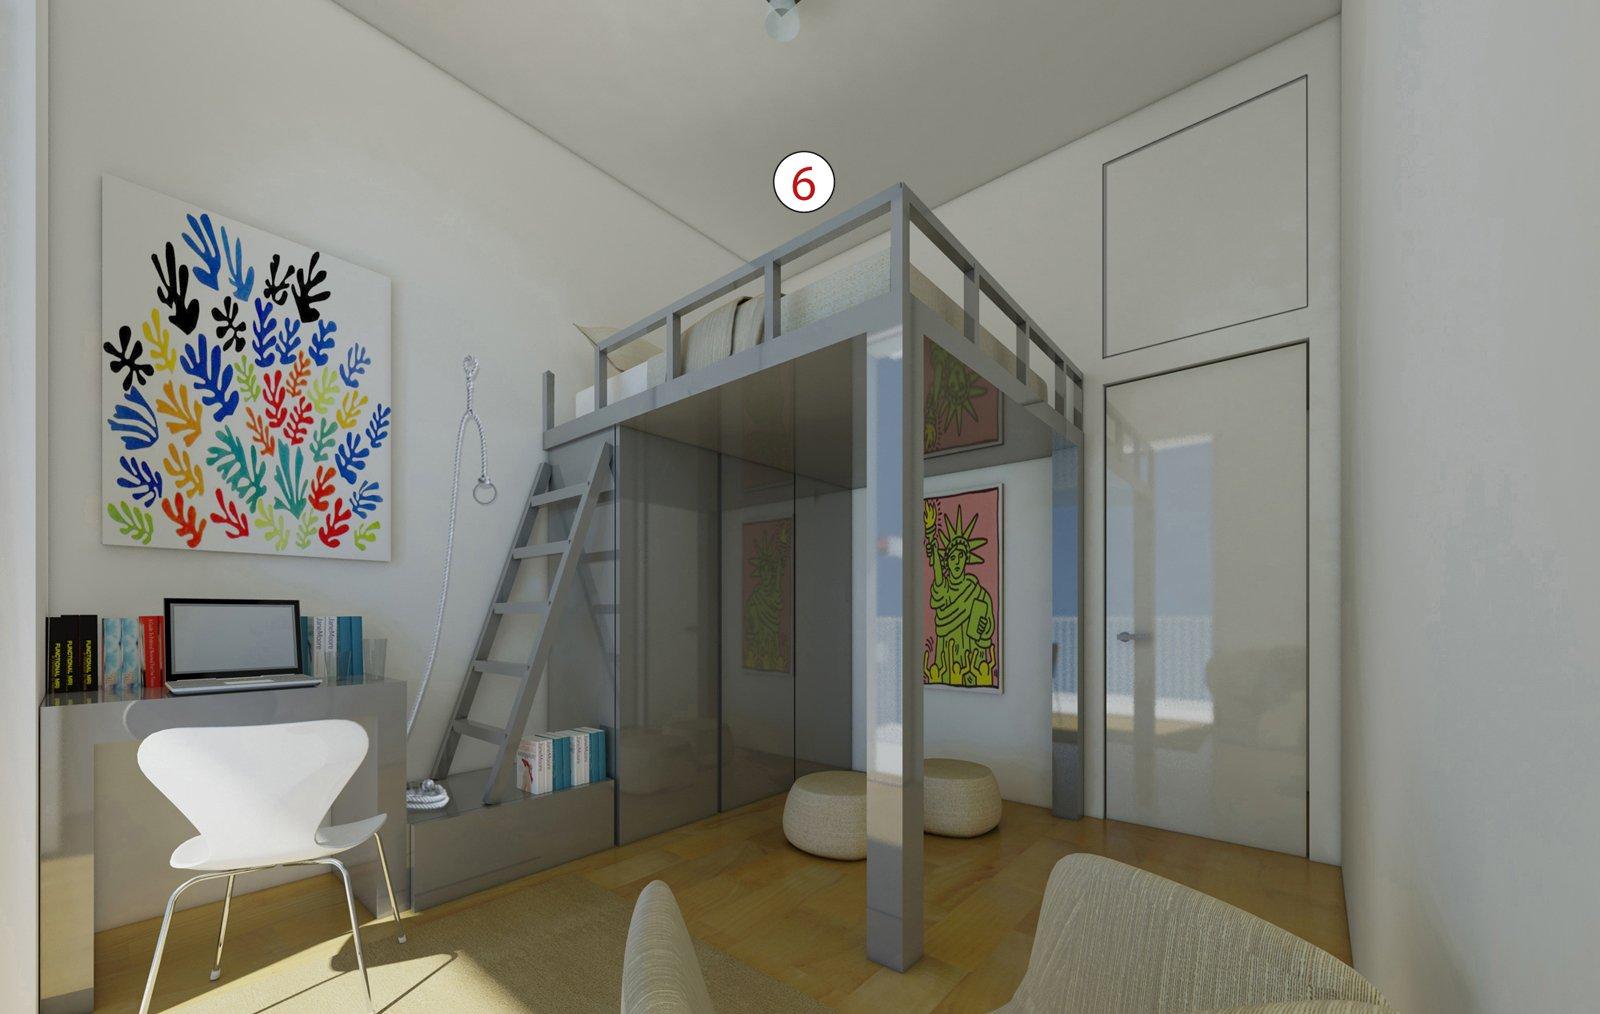 Camera da letto moderna piccola: camera da letto moderna sicilia ...